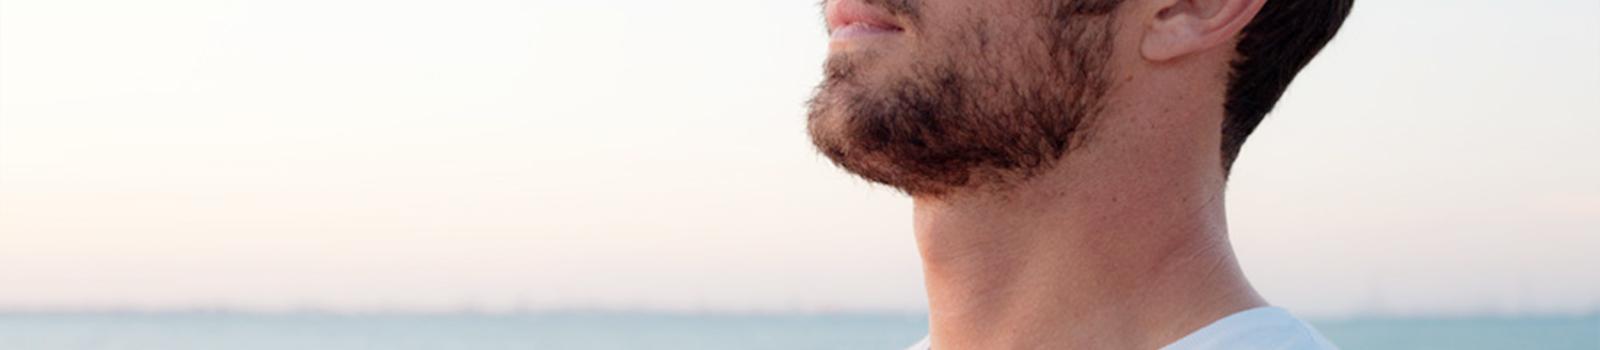 La fascia - Patrones disfuncionales y su relación con el estado emocional